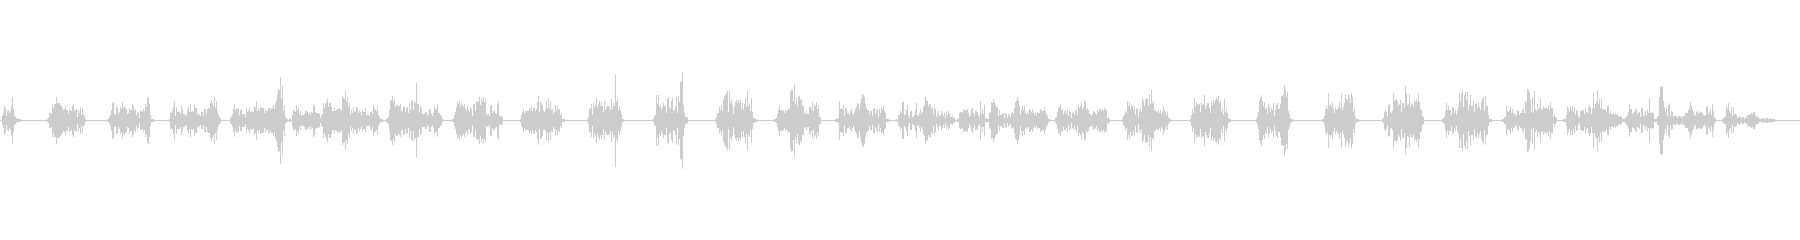 動くテキストを表示させる時の効果音の未再生の波形